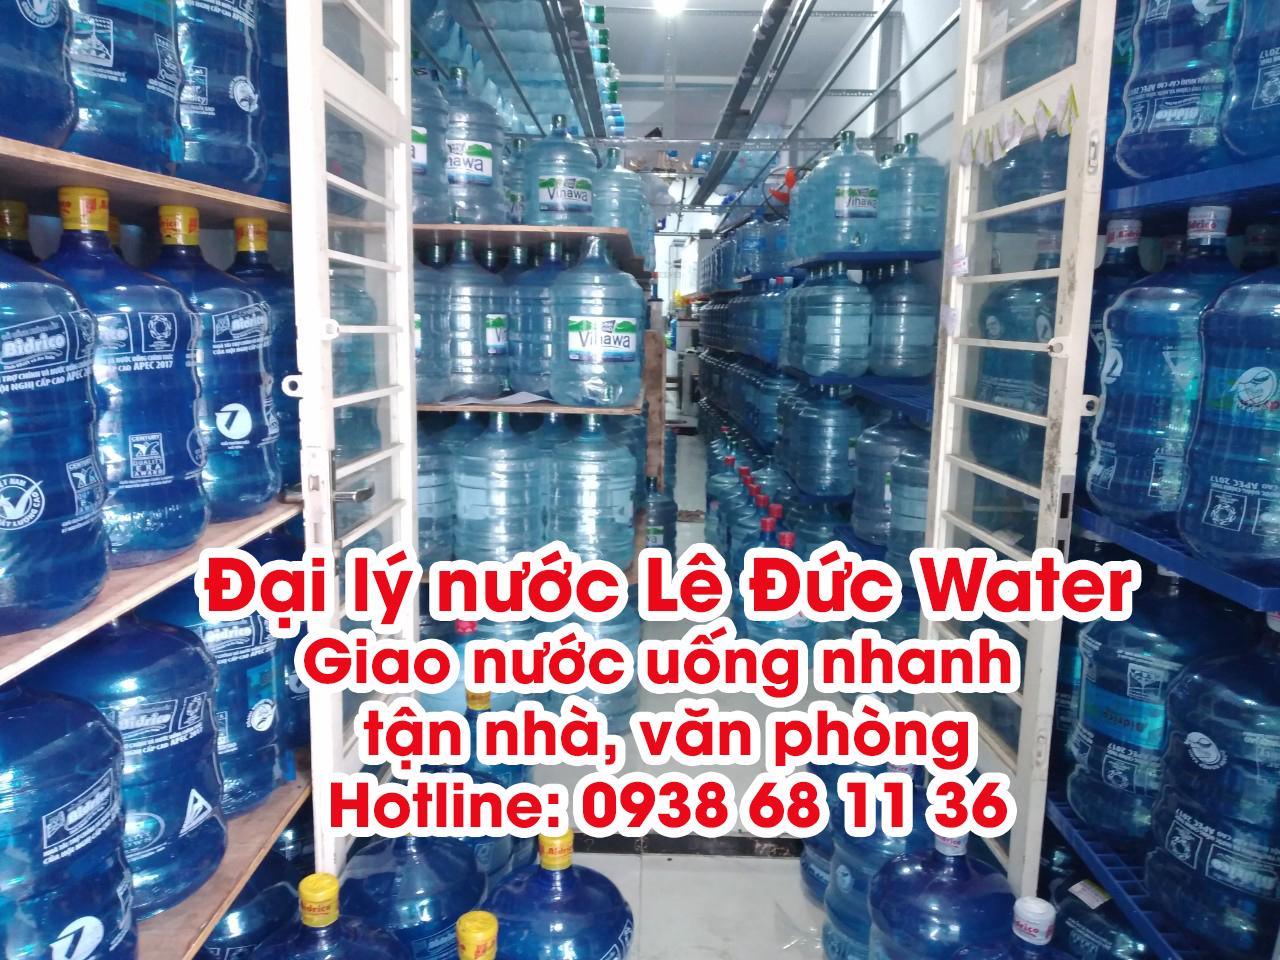 Đại lý giao nước uống Lê Đức Water